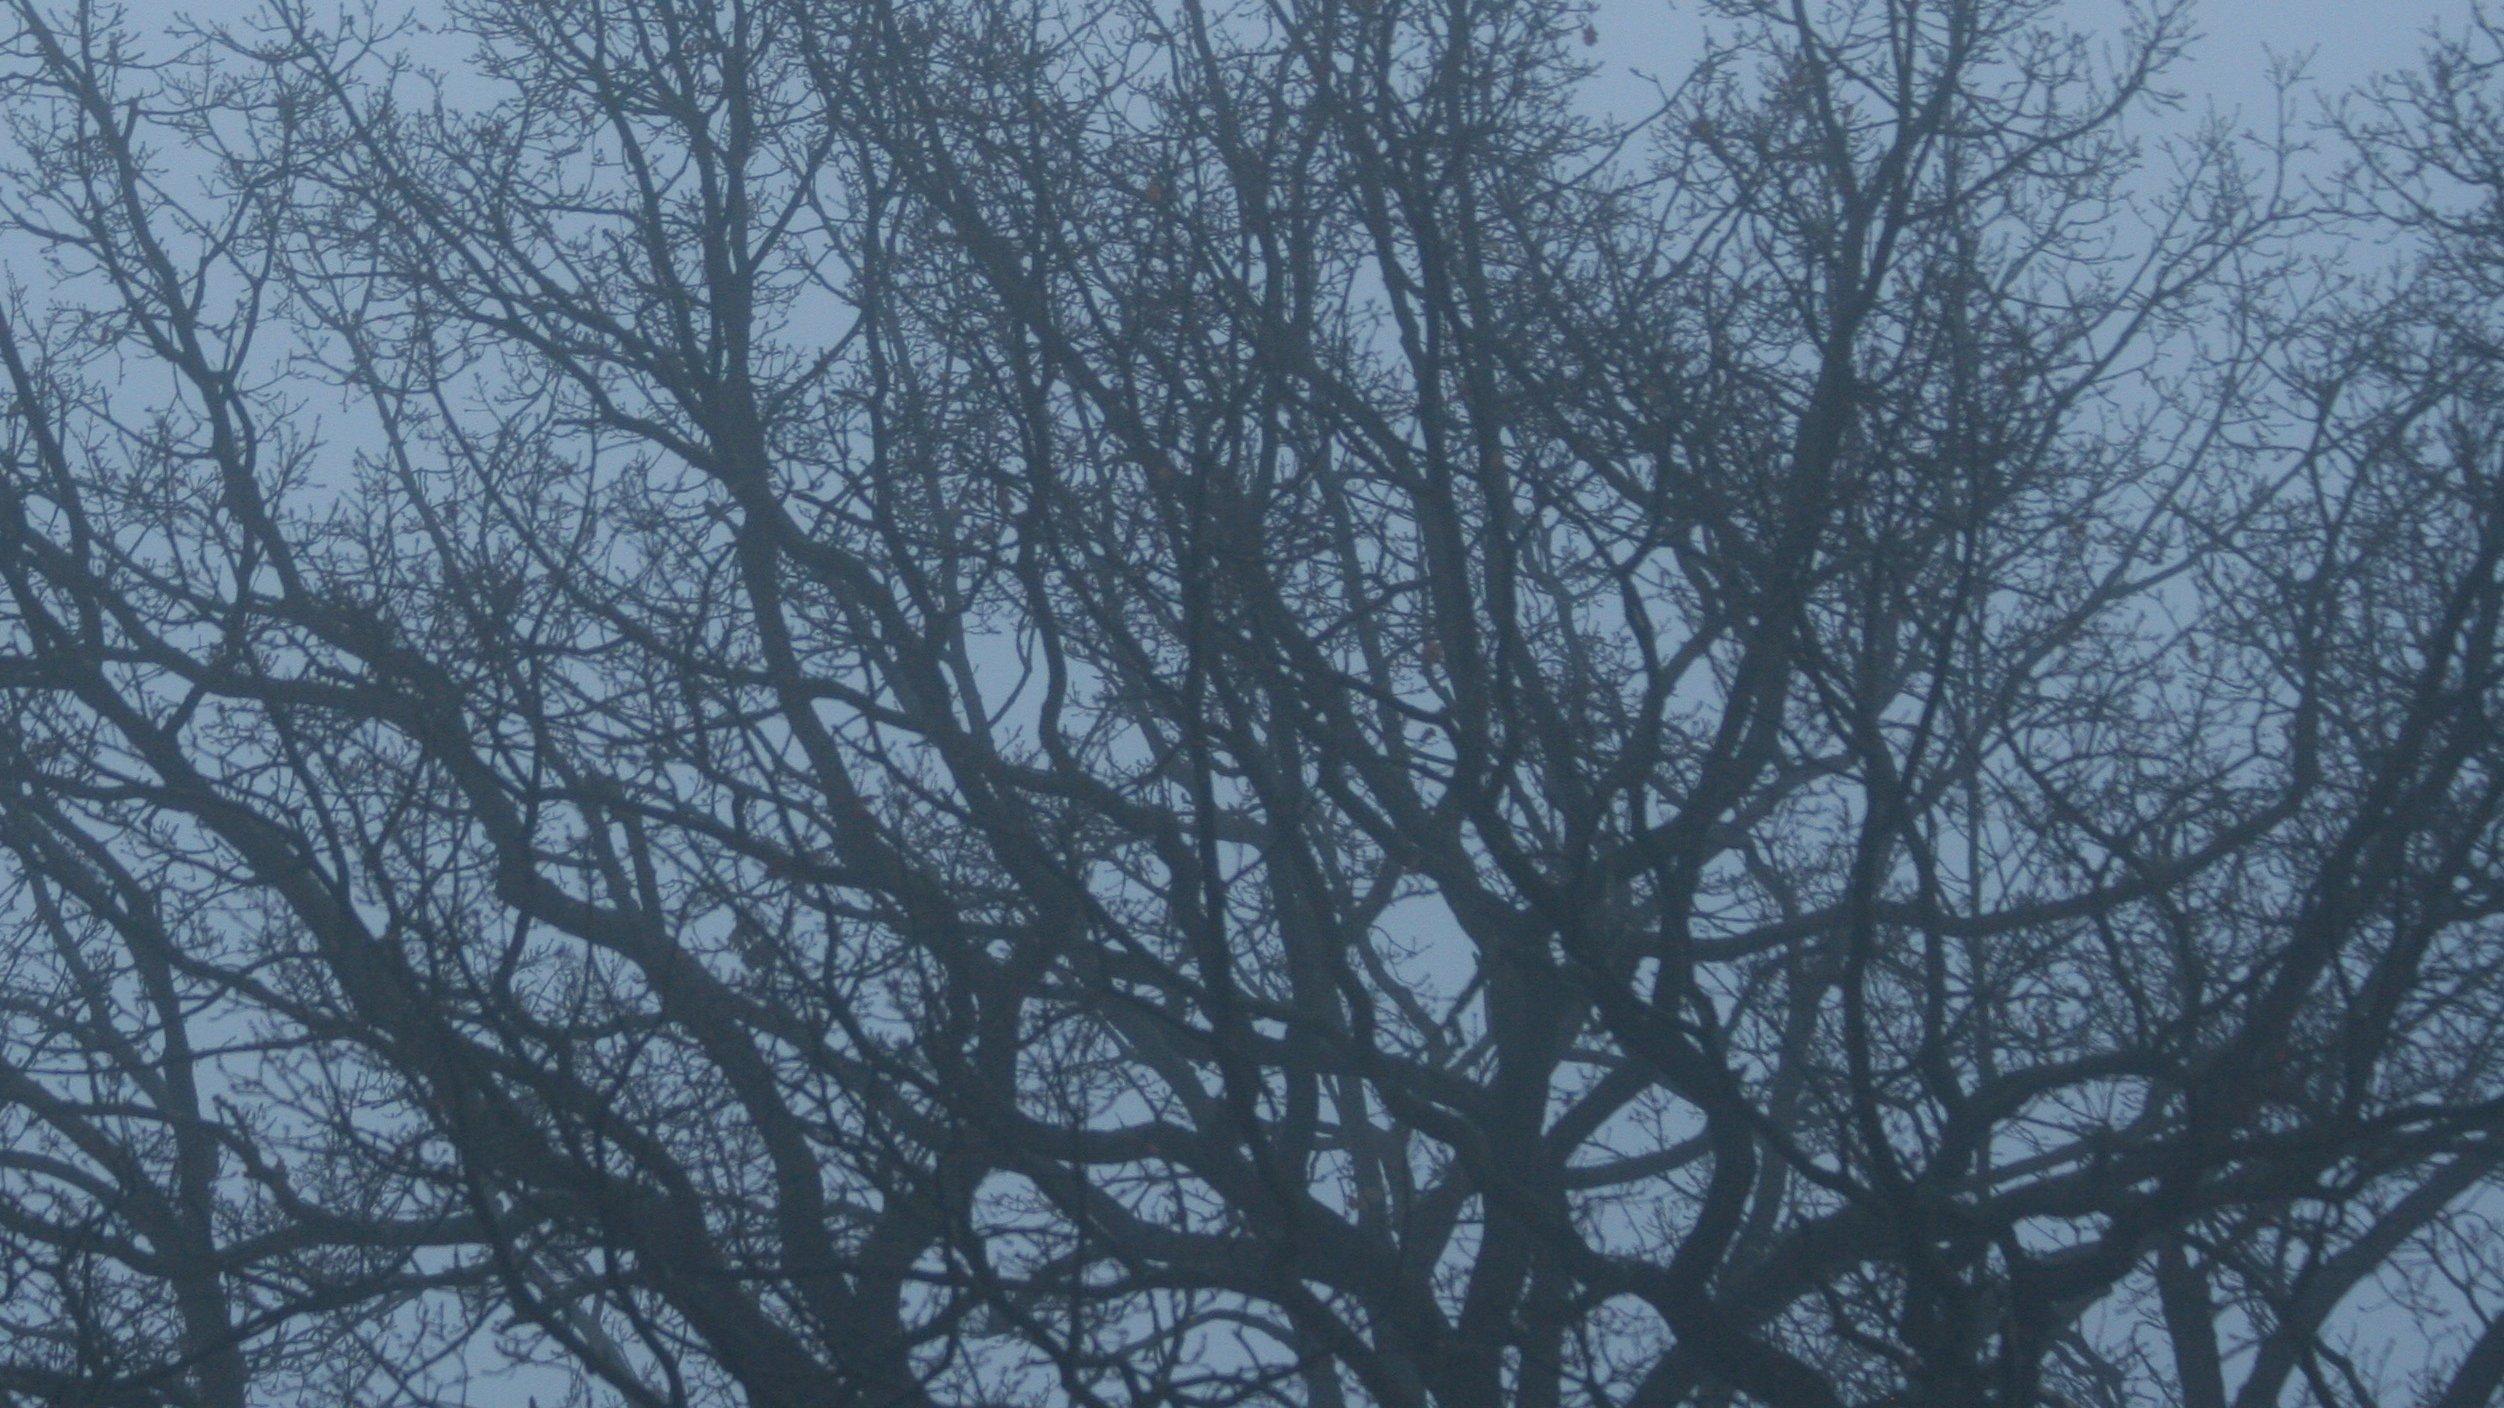 Zu sehen ist die im Nebel unscharfe, ausladende Krone eines Laubbaumes, der im Winter keine Blätter trägt. Lange Zeit galten Bäume als Symbole für die menschliche Abstammung, doch heute wissen die Forscher, dass die Evolution wohl eher einem Flussdelta ähnelt, bei dem sich Arme verzweigen, aber auch wieder vereinigen.